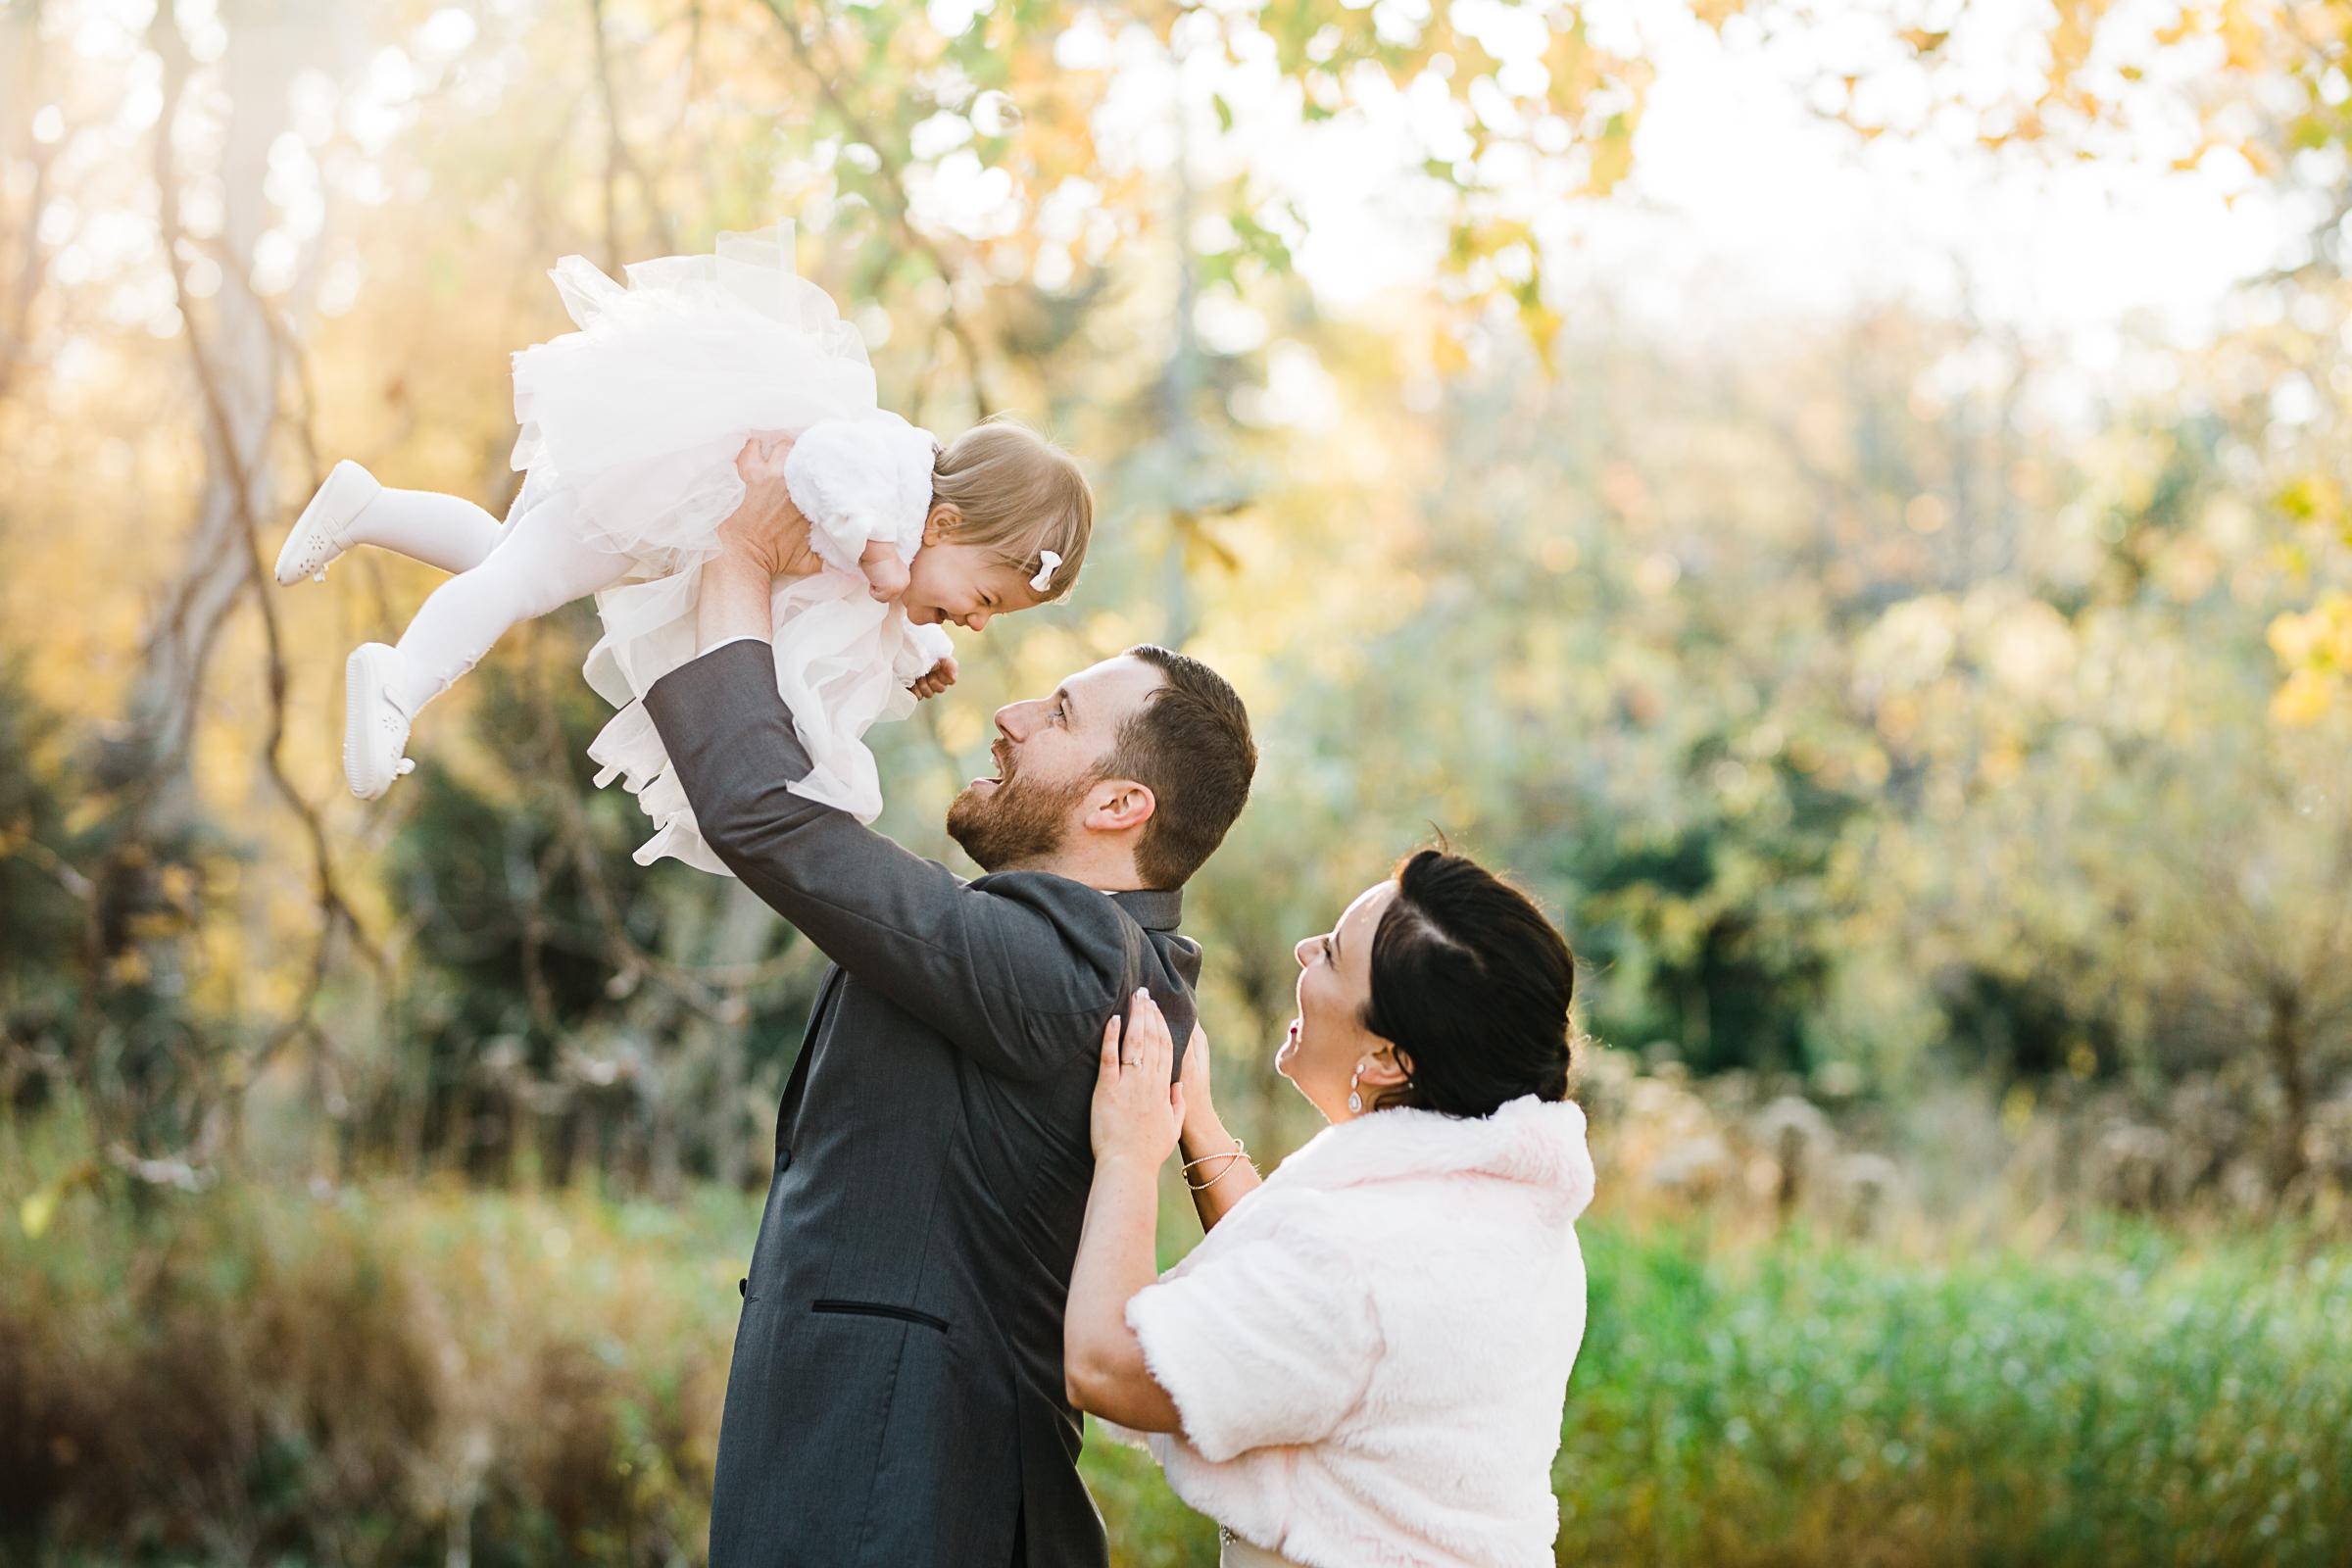 0038st-johns-wedding-photographer-rocket-bakery.jpg